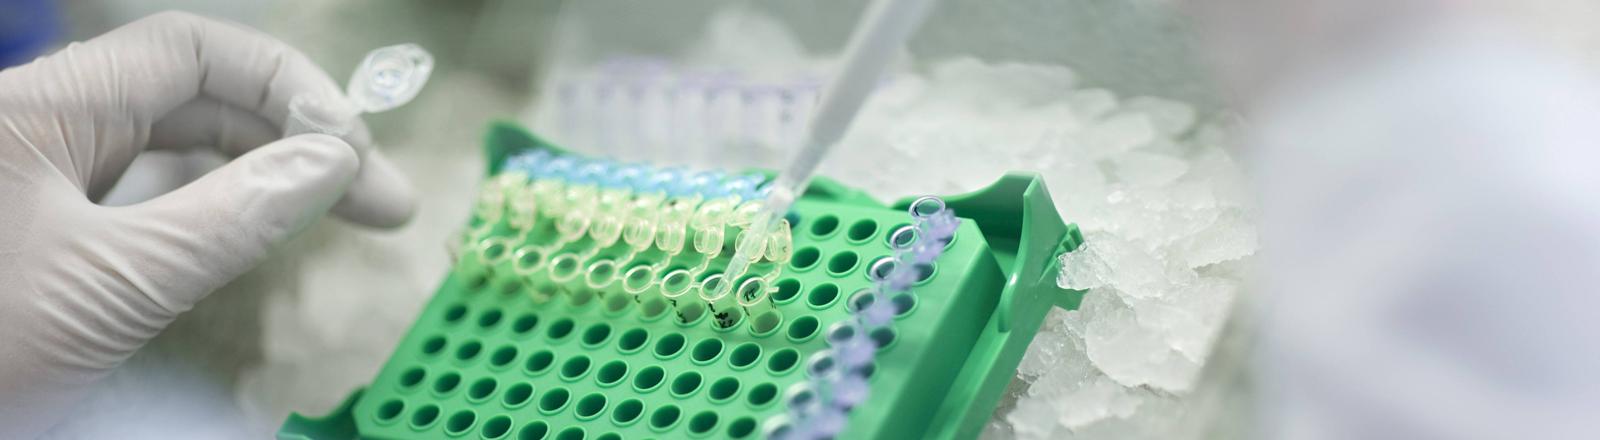 Test auf Antibiotika-Reistenz